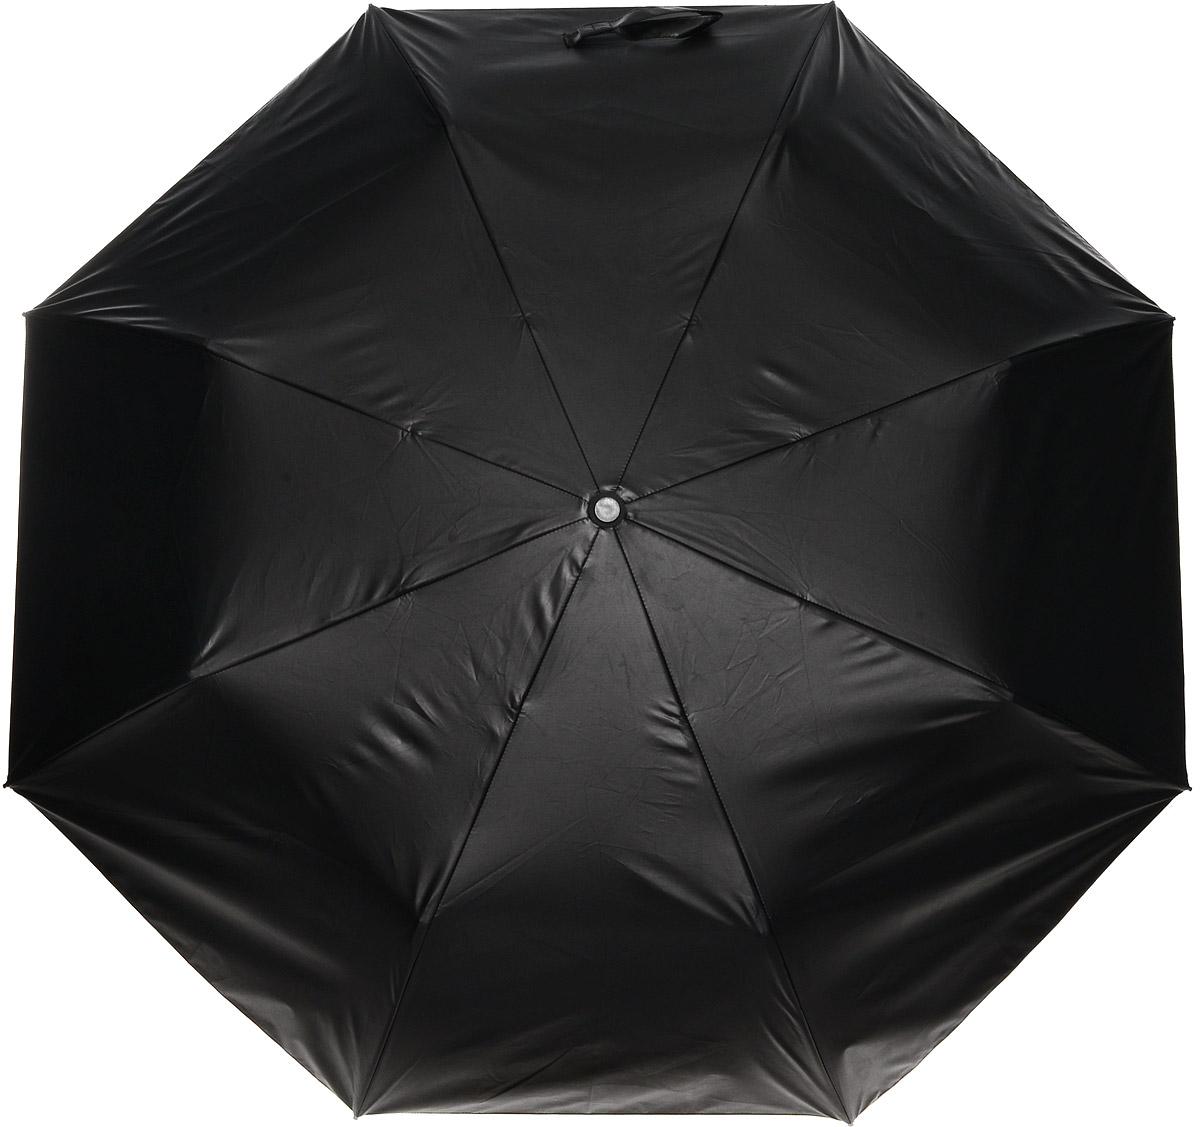 Зонт женский Vera Victoria Vito, механика, 3 сложения, цвет: черный, фиолетовый. 20-700-520-700-5Зонт Vera Victoria Vito Vito надежно защитит вас от дождя. Купол выполнен из высококачественного нейлона, который не пропускает воду. Внутренняя сторона купола оформлена оригинальным принтом. Каркас зонта и спицы выполнены из высококачественного металла. Удобная ручка выполнена из пластика и дополнена эластичной резинкой. Зонт имеет автоматический тип сложения: открывается и закрывается при нажатии на кнопку. В комплект входит чехол.